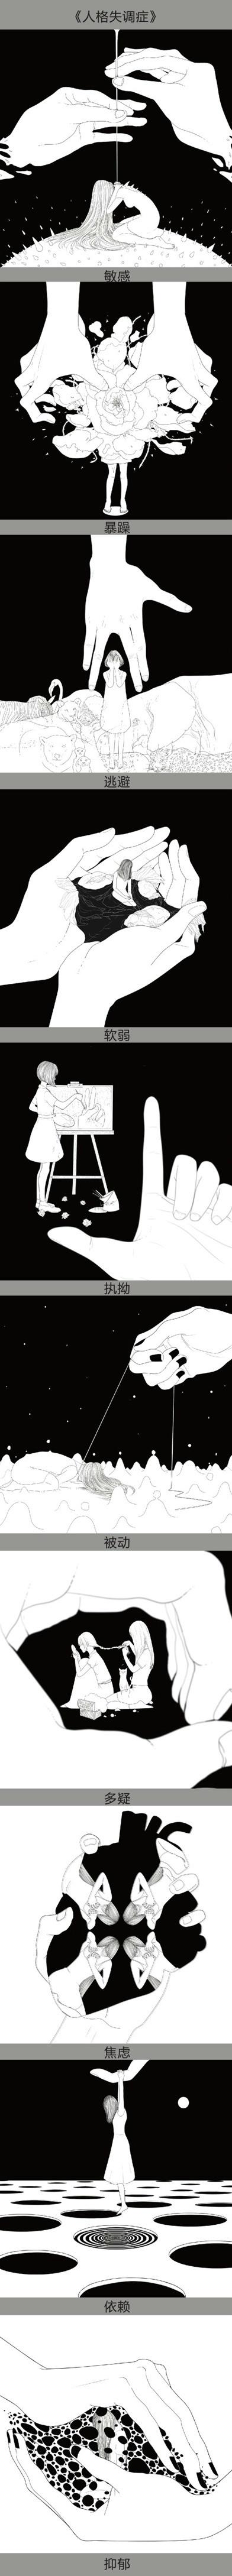 人格失调症系列插画